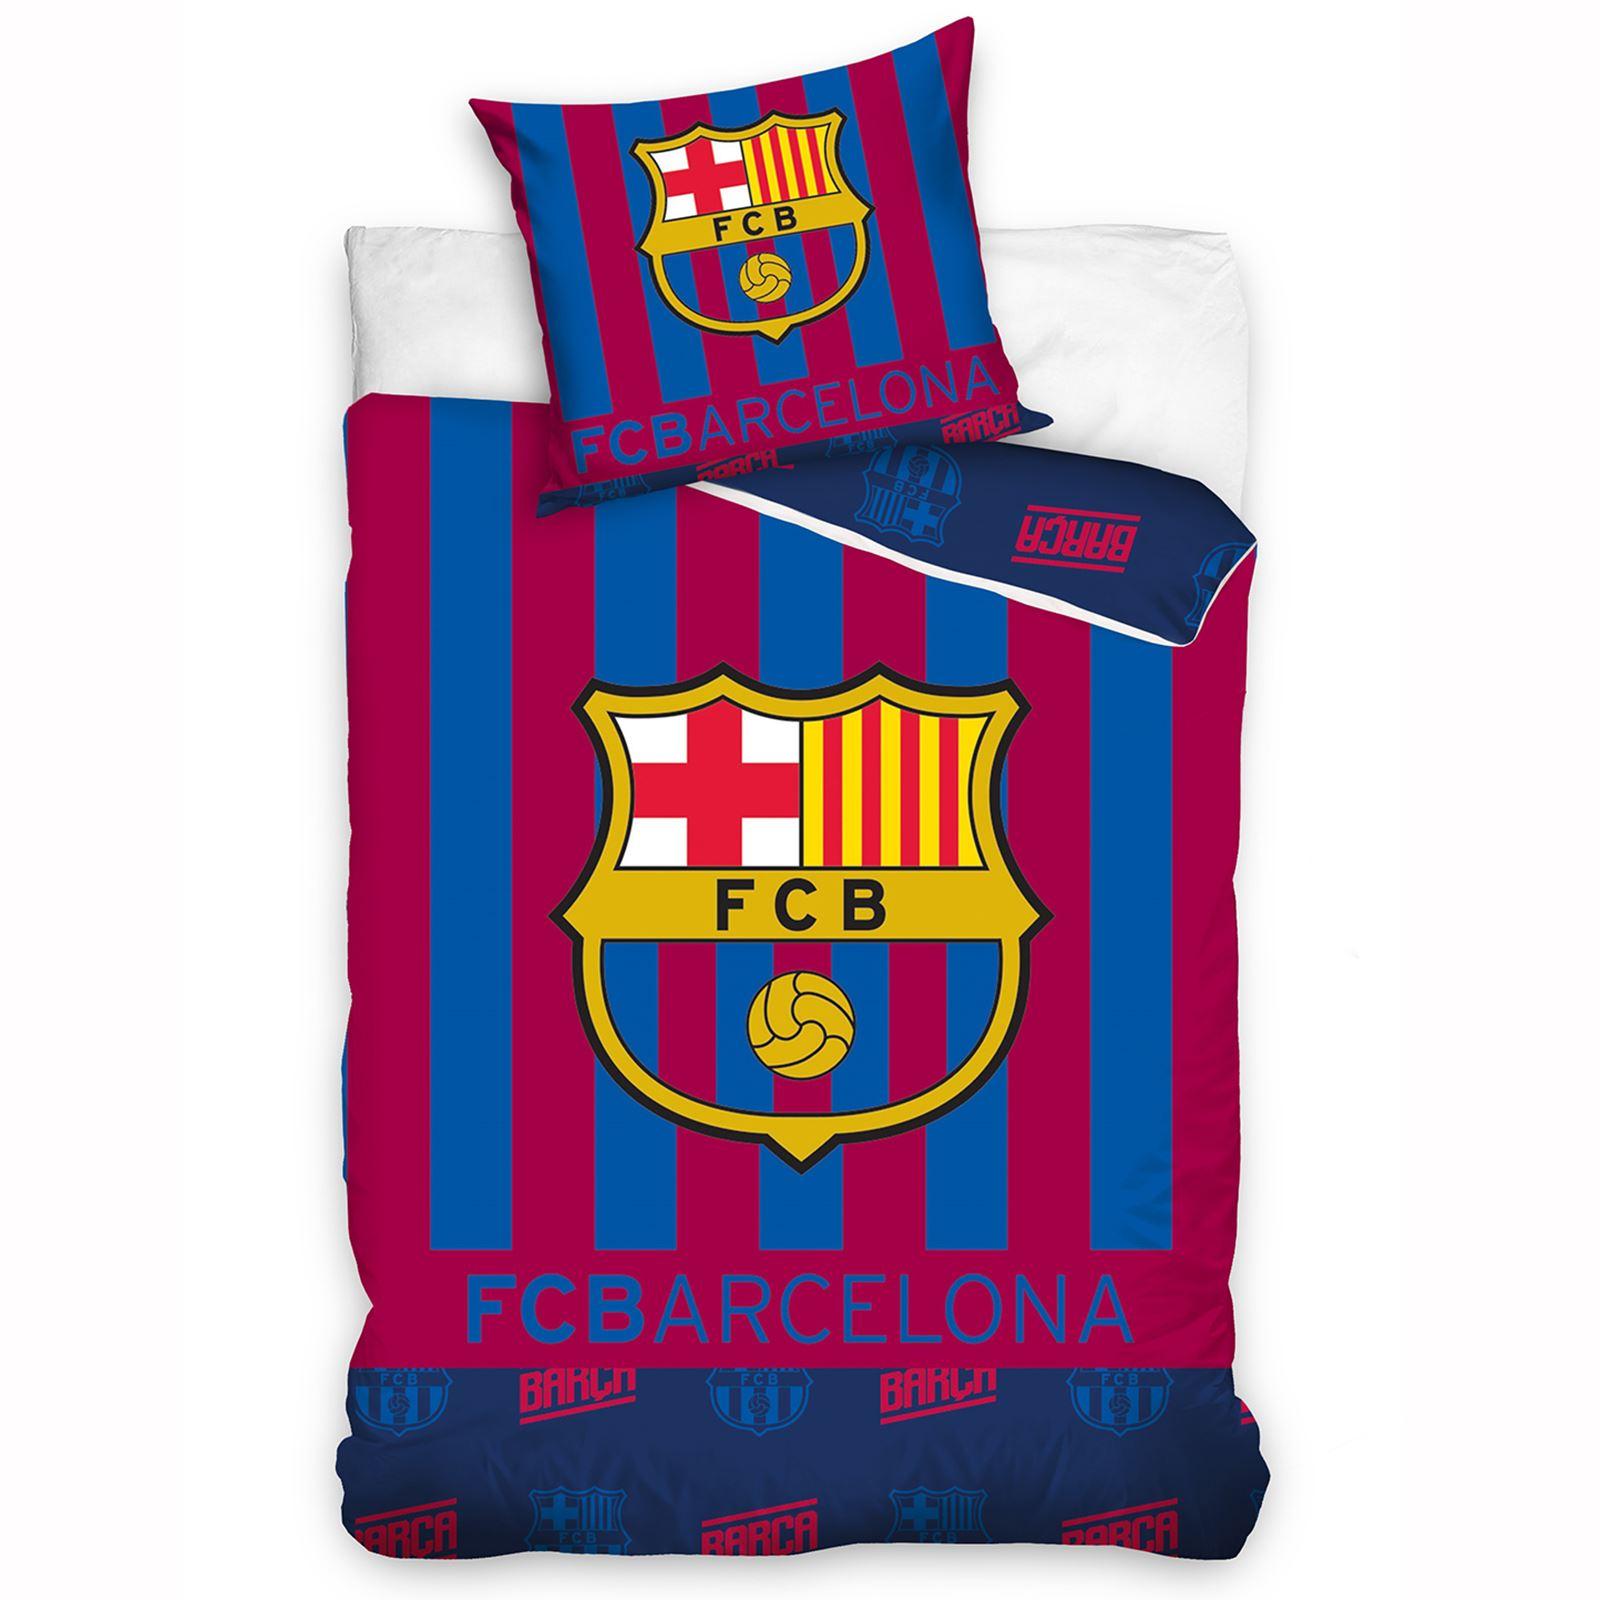 Barcelona ropa de cama y habitaci n accesorios f tbol de ni os nuevo ebay - Ropa de cama barcelona ...